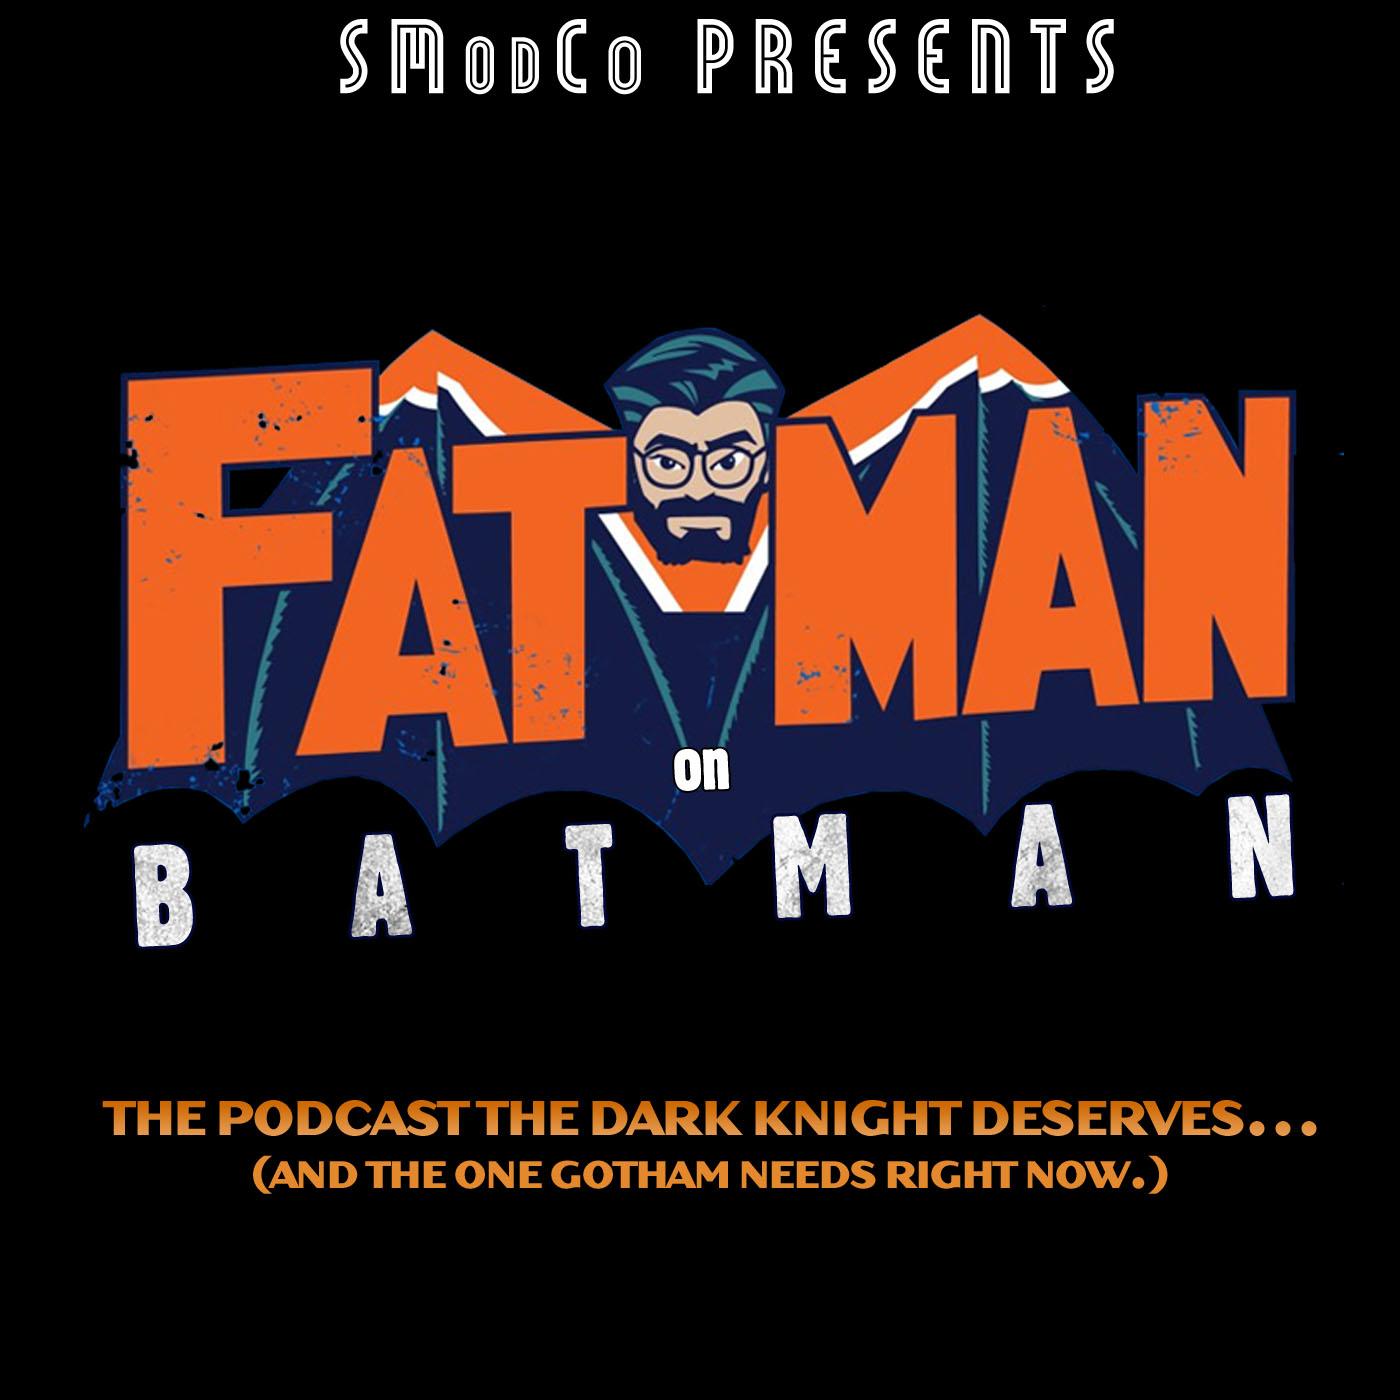 fatman batman copy.jpg